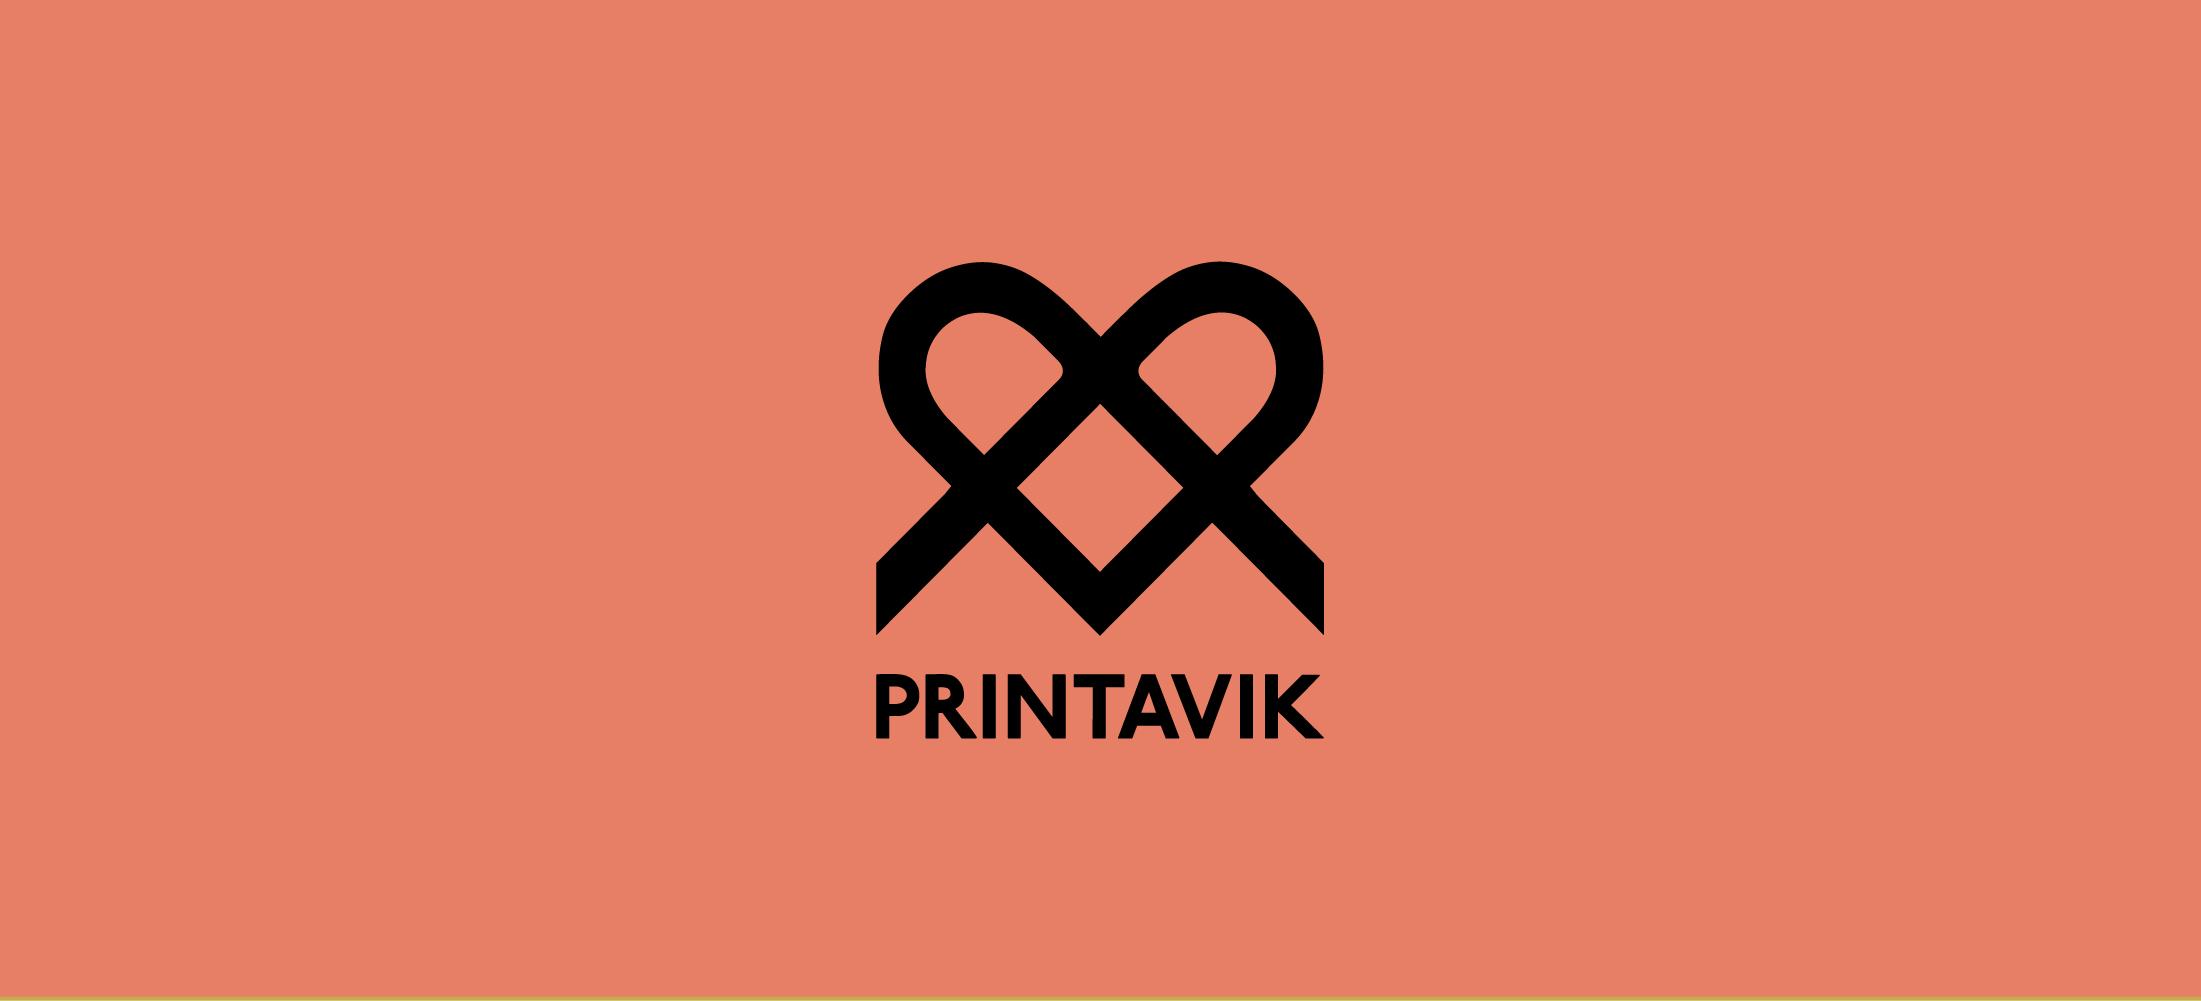 Printavik